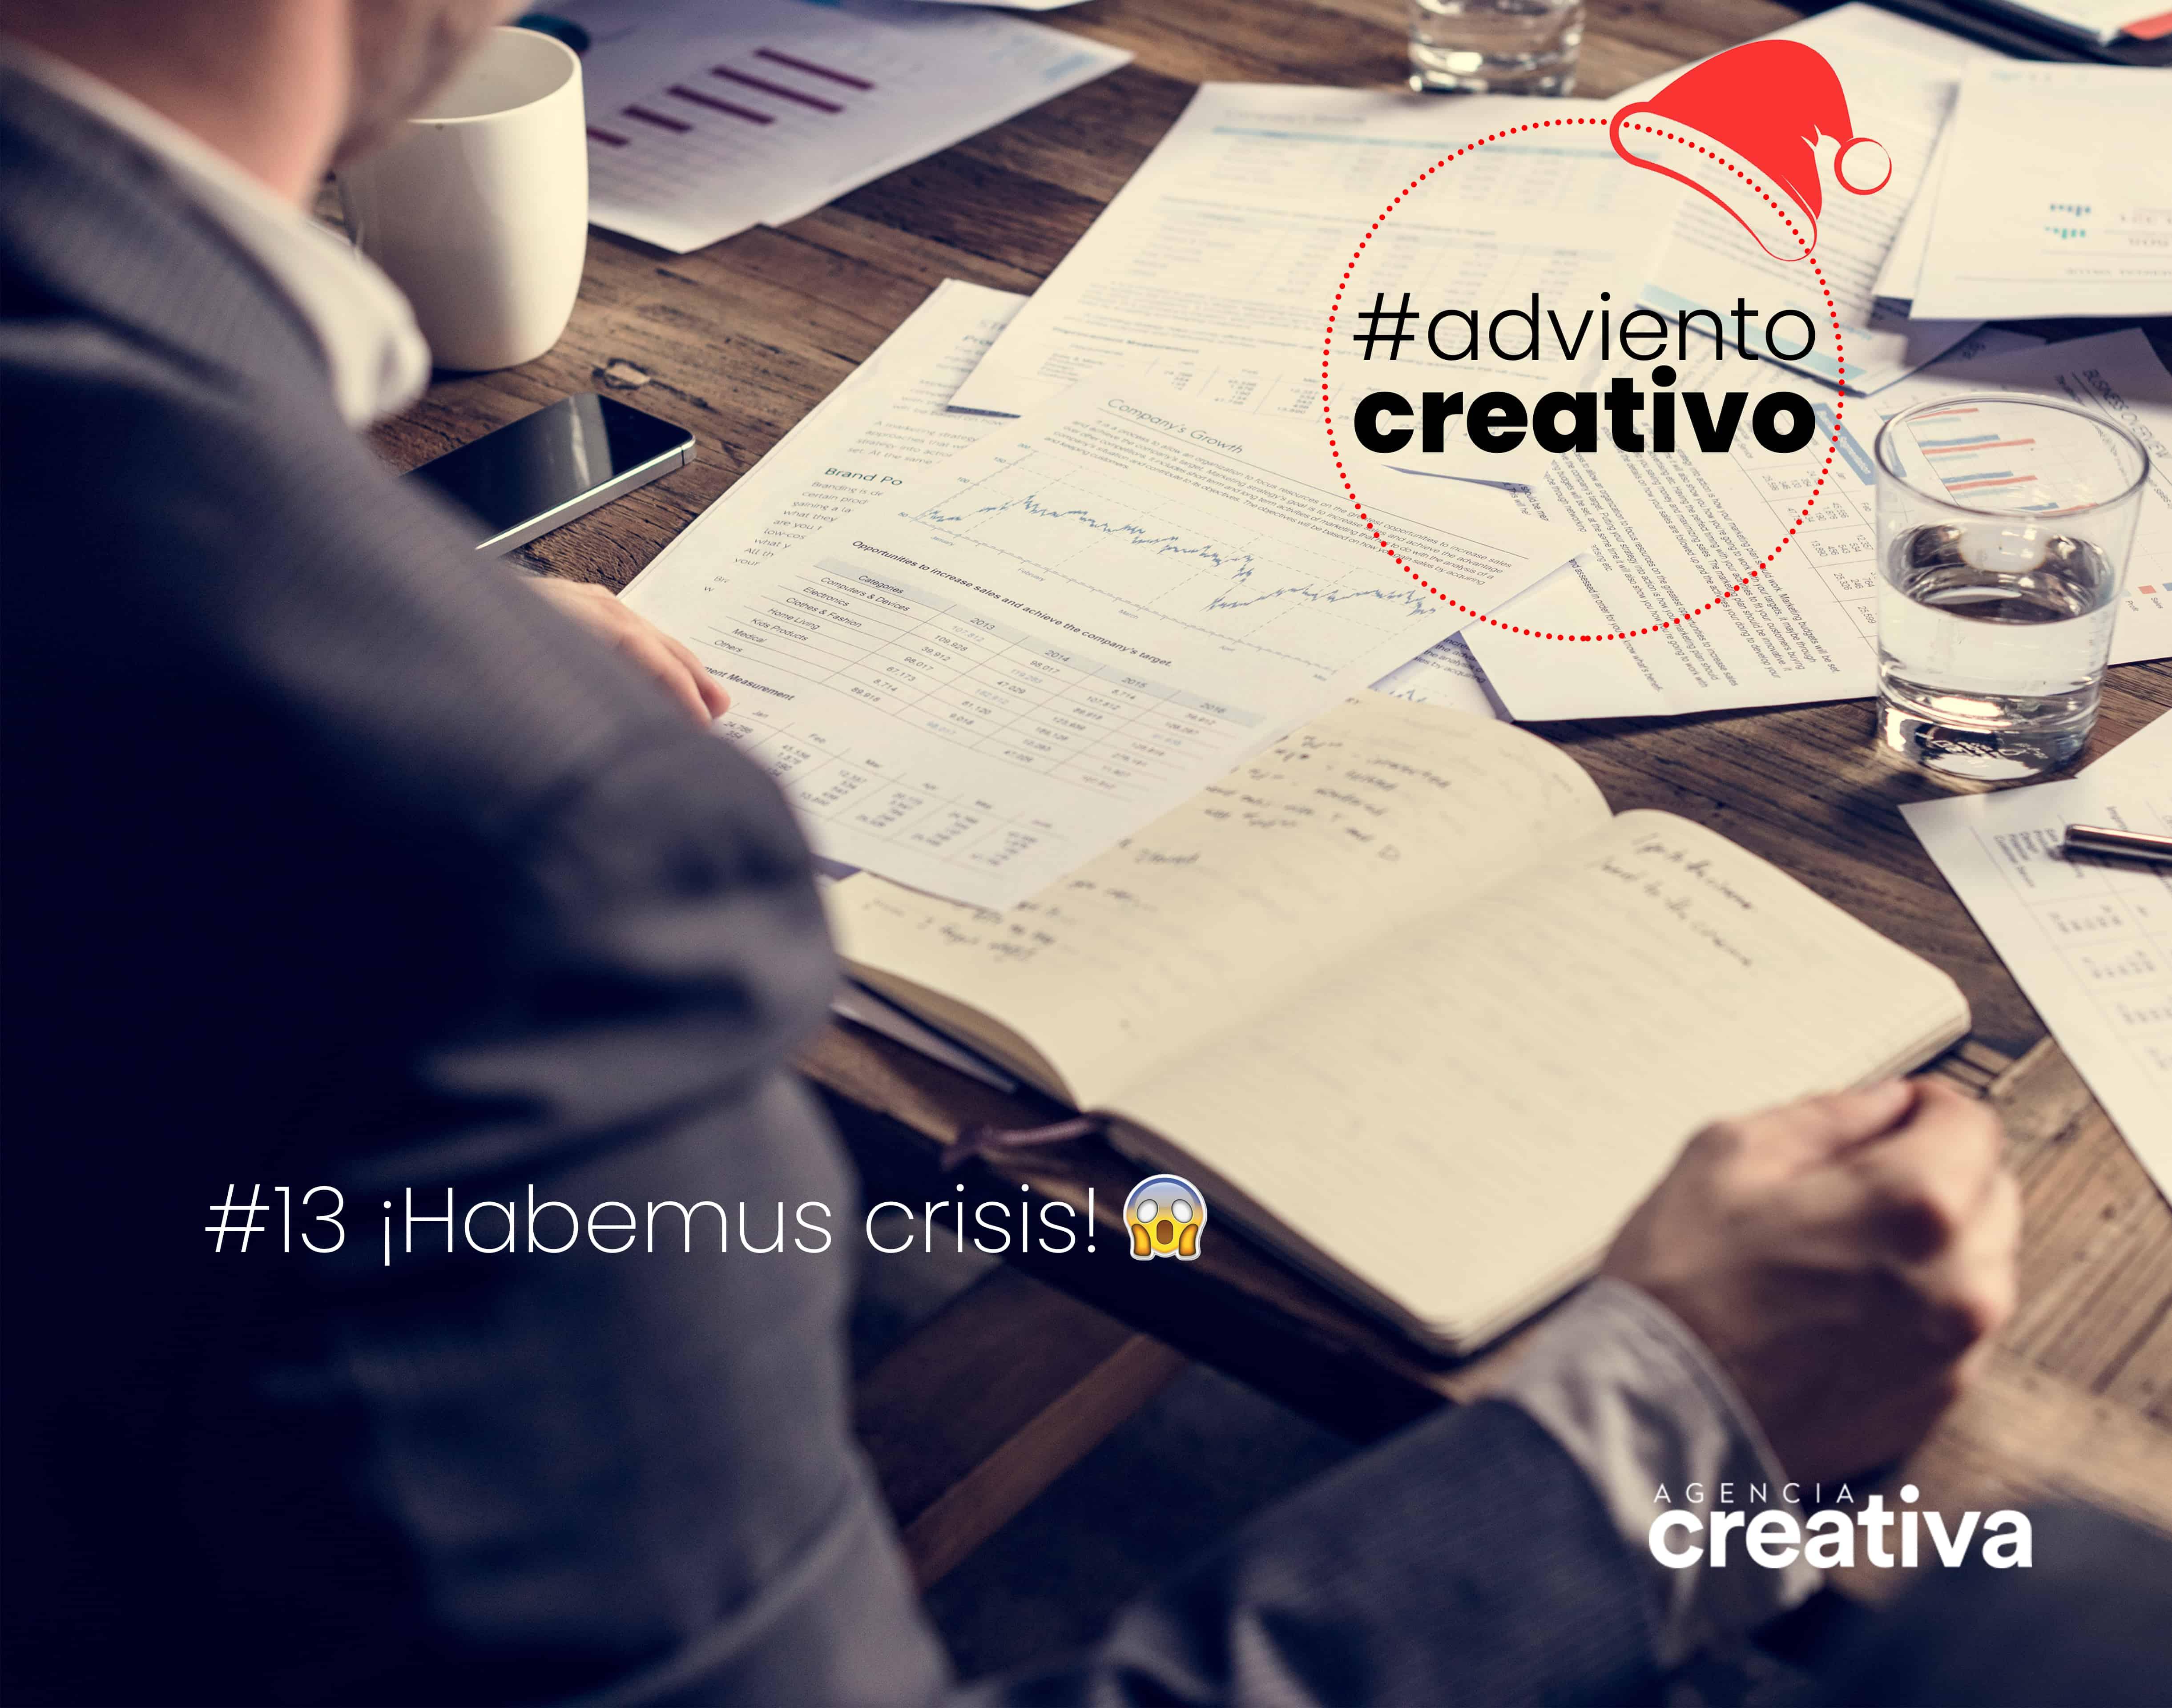 Adviento Creativo 2019: 24 tips de comunicación 7